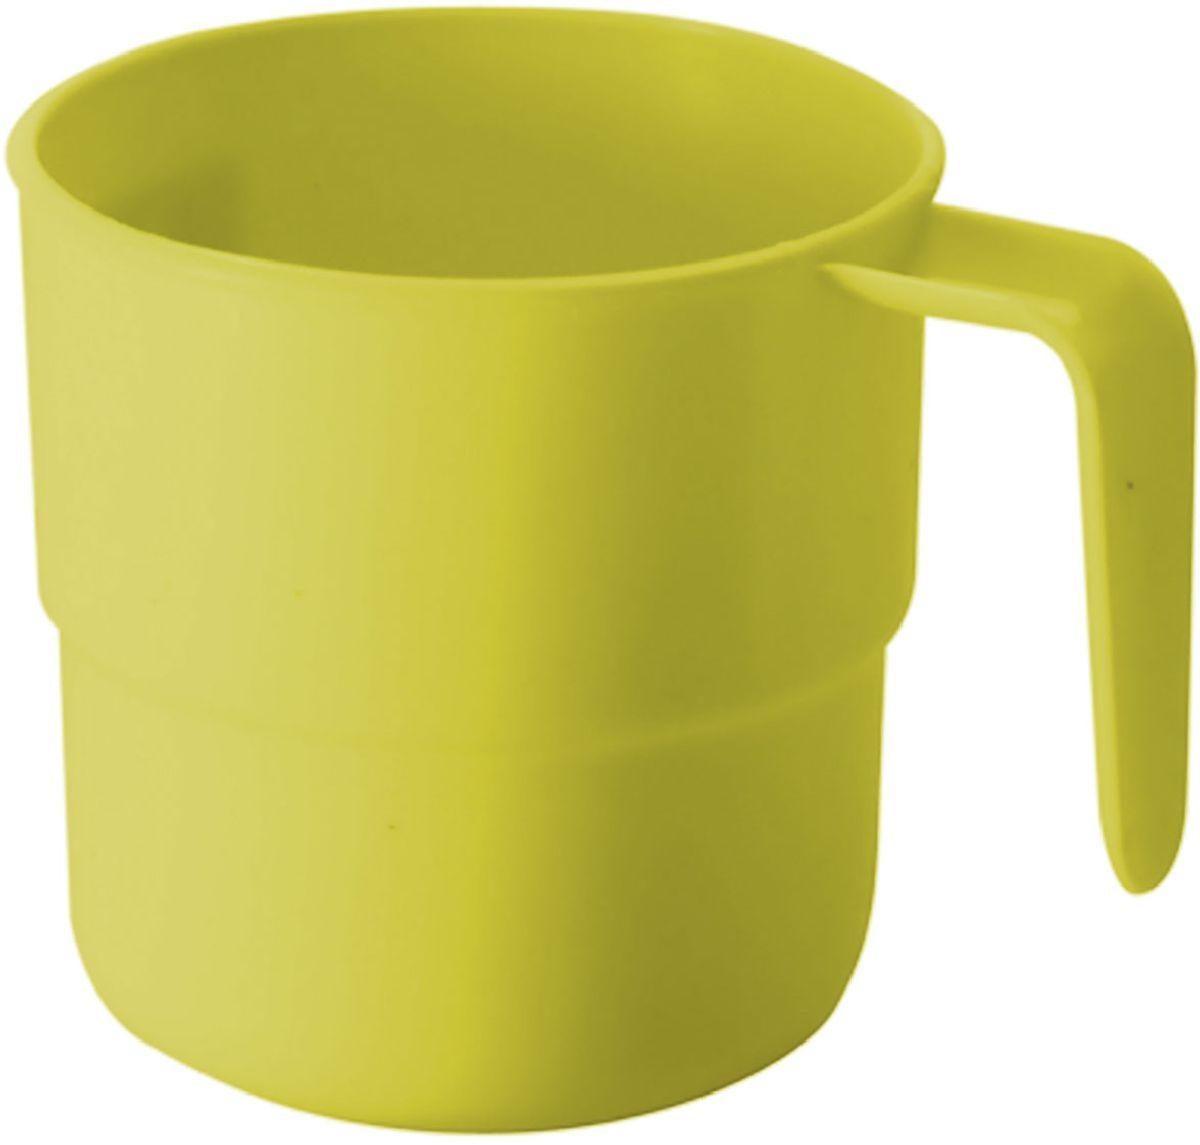 Кружка Plastic Centre, цвет: желтый, 250 млПЦ1430ЛМНКружка кемпинговая прекрасно подойдет для дачи, пикника или поездки в поезде. Легкую кружку удобно взять с собой на природу. Прочный пластик подходит для многократного использования.Объем кружки: 250 мл.Размер кружки: 10,5 х 8 см.